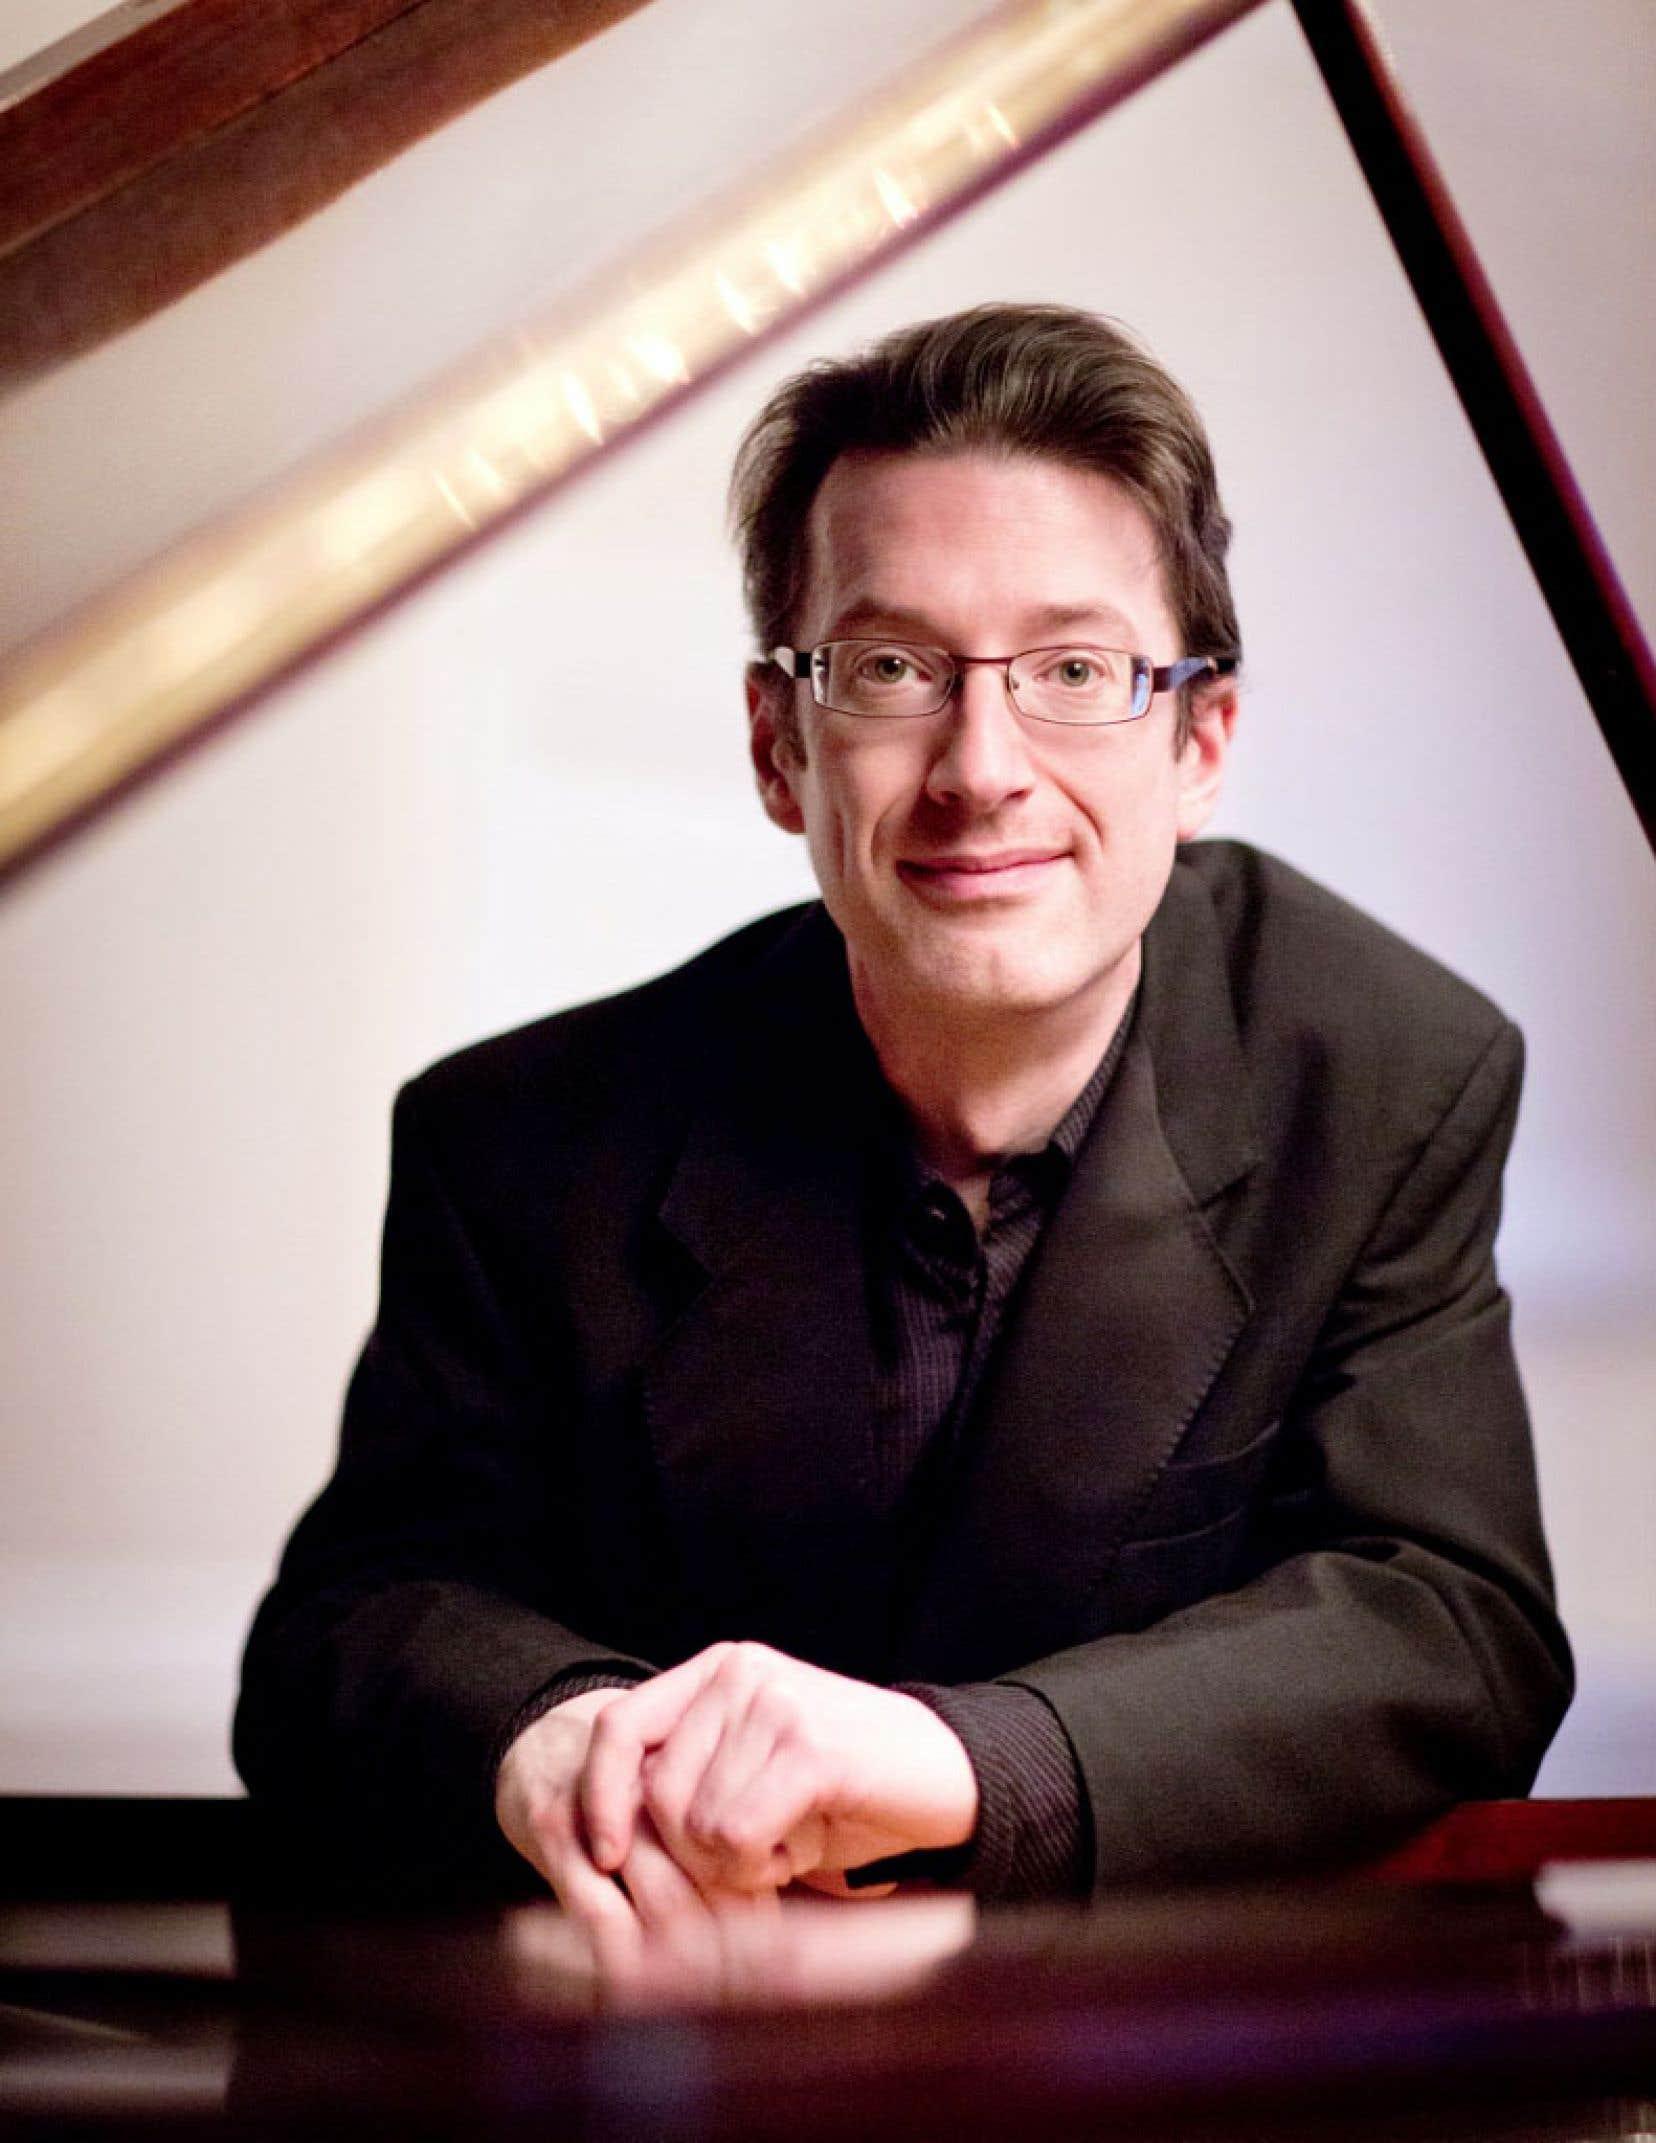 Le talent impressionnant du pianiste en matière de création de couleurs et d'atmosphères transparaît d'emblée.